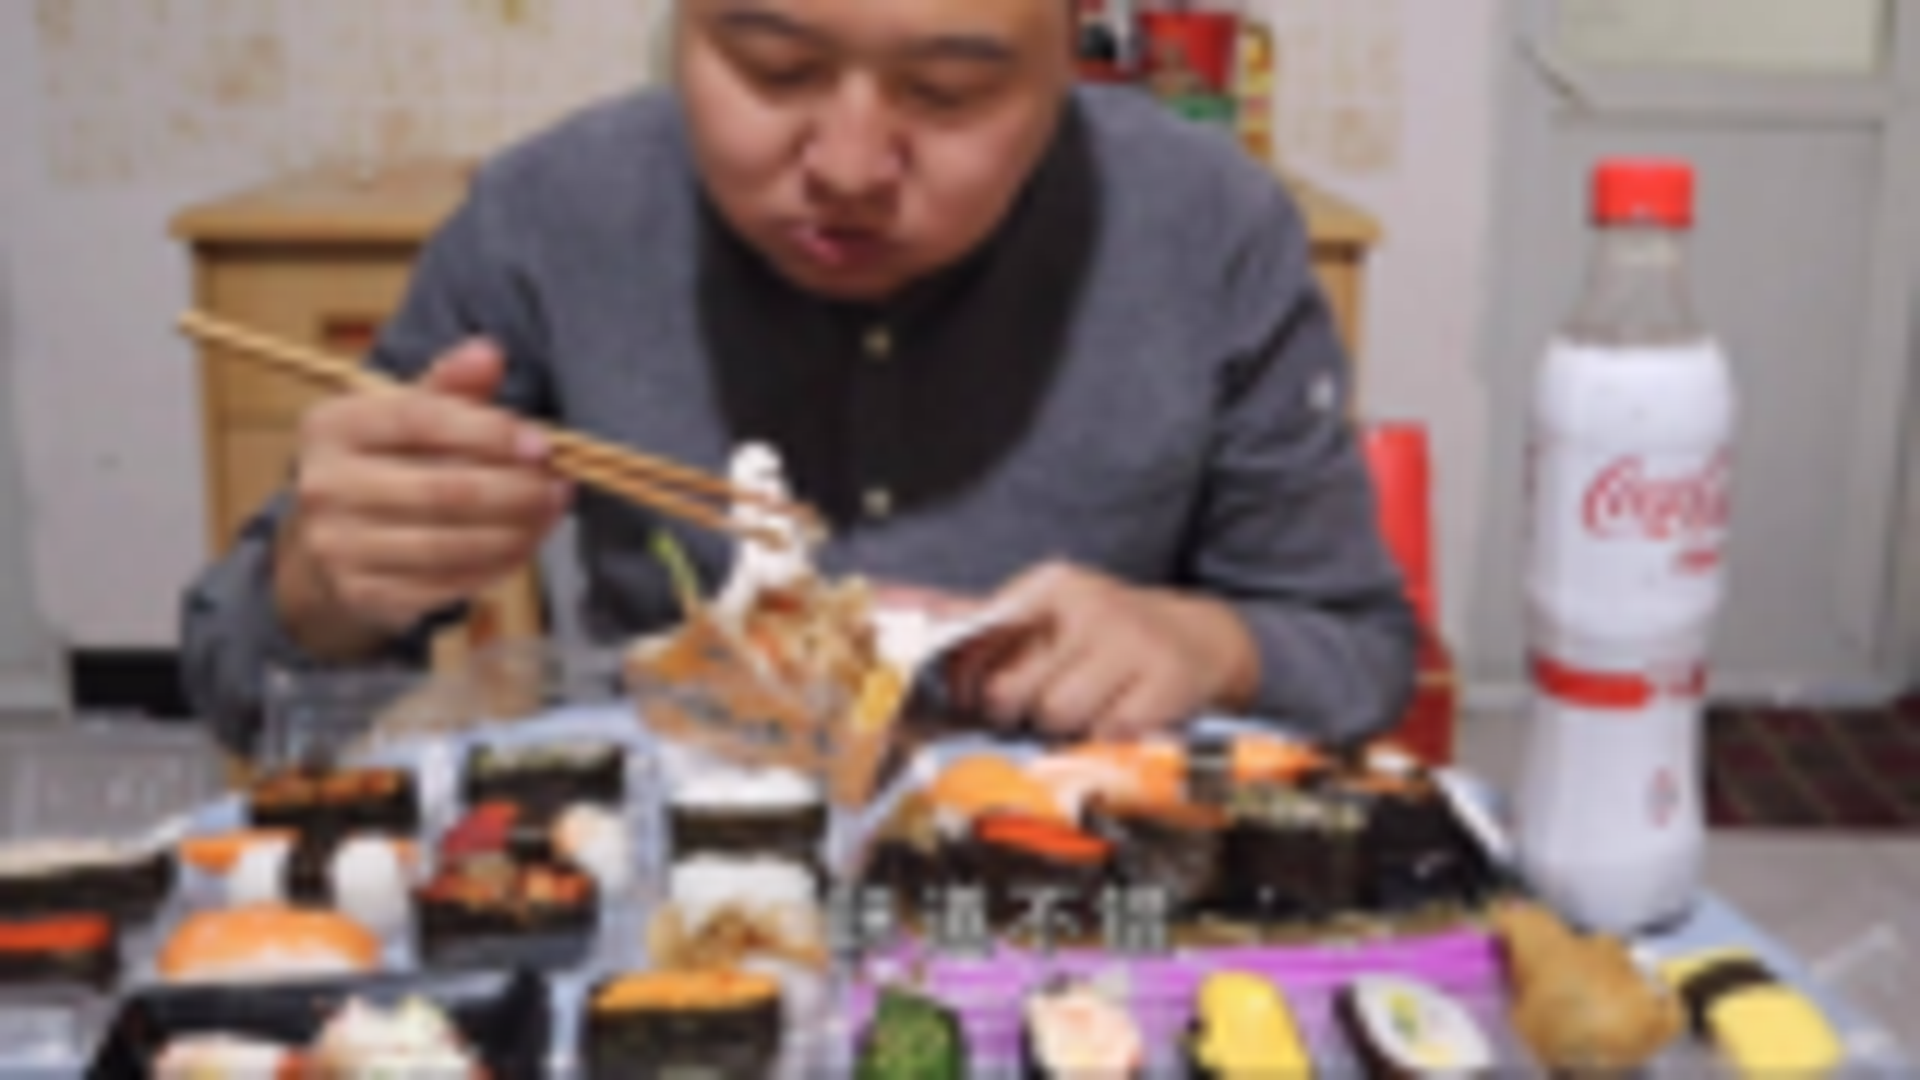 阿强去大众点评第一的寿司店、一口气吃到饱到底需要多少钱?